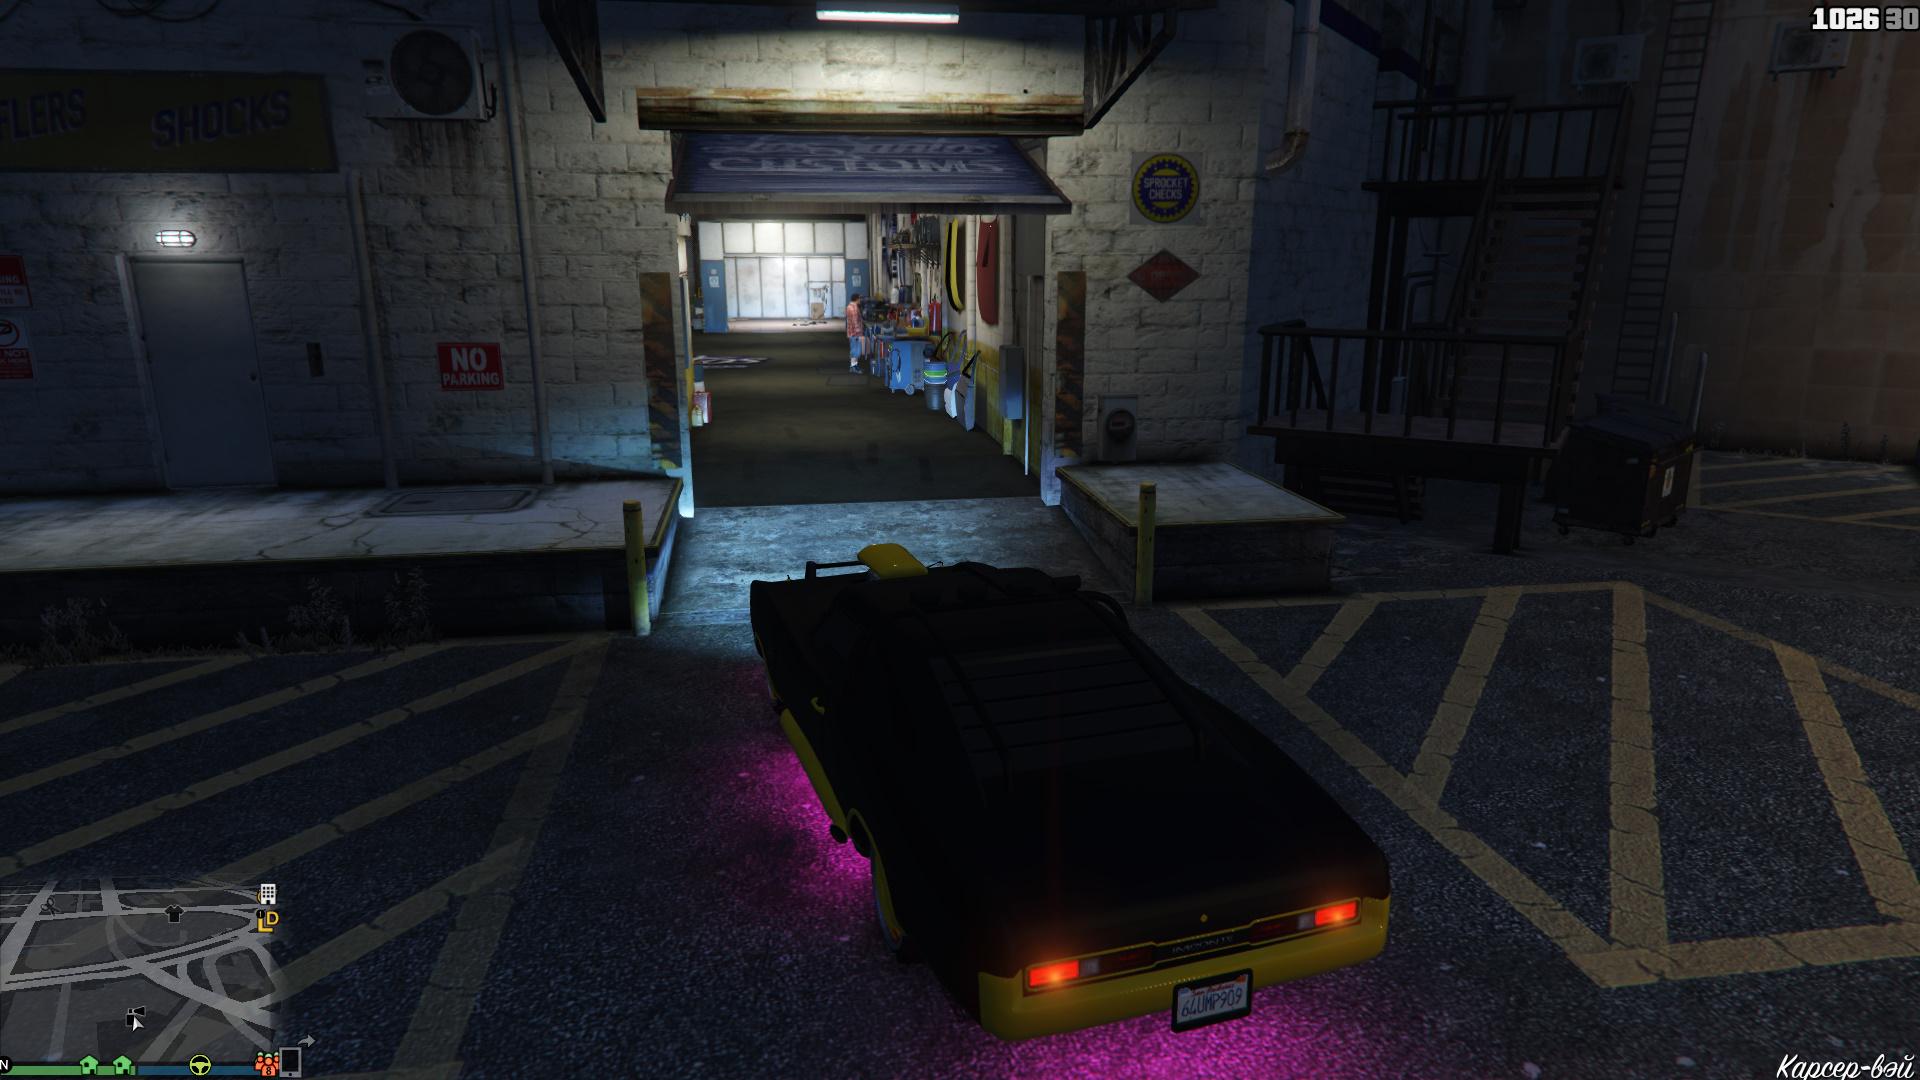 GTA5 2017-05-01 15-09-19-644.jpg - Grand Theft Auto 5 Открытый мир